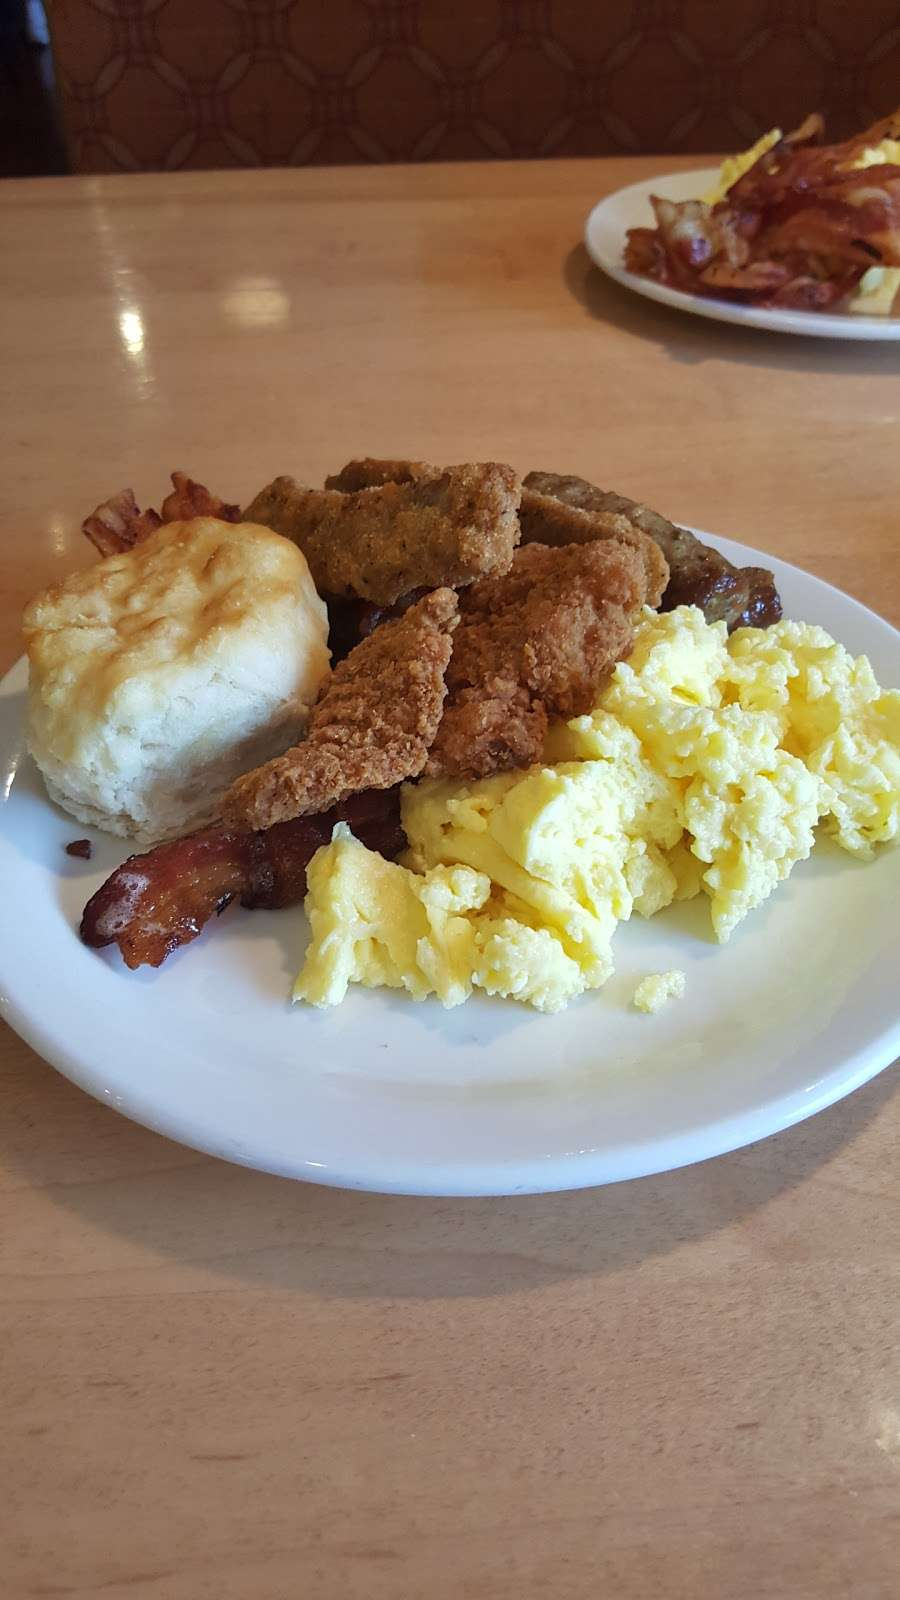 Shoneys Orlando - restaurant    Photo 8 of 10   Address: 12204 S Apopka Vineland Rd, Orlando, FL 32836, USA   Phone: (407) 239-5416